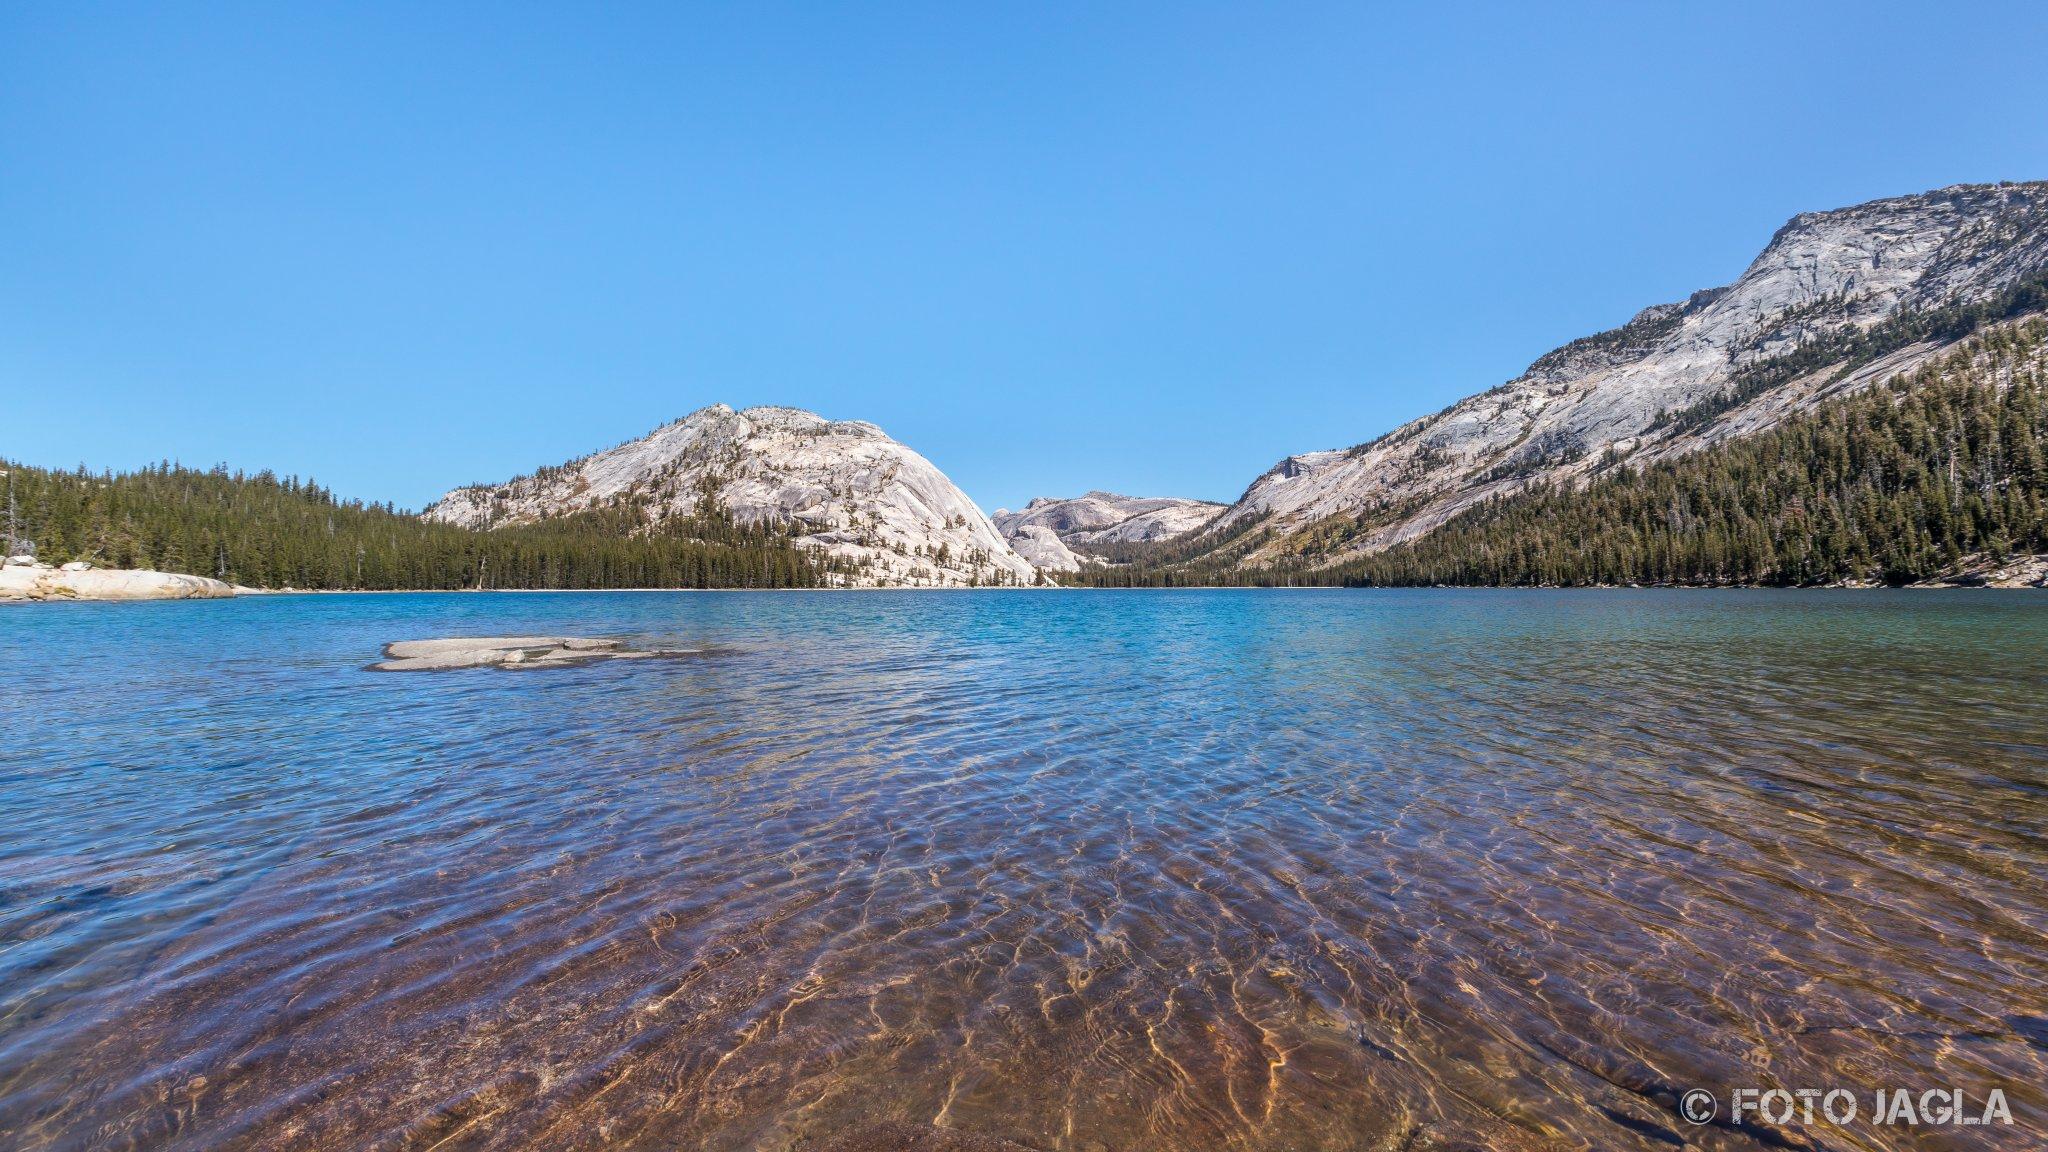 Kalifornien - September 2018 Tenaya Lake Yosemite National Park - Wawona